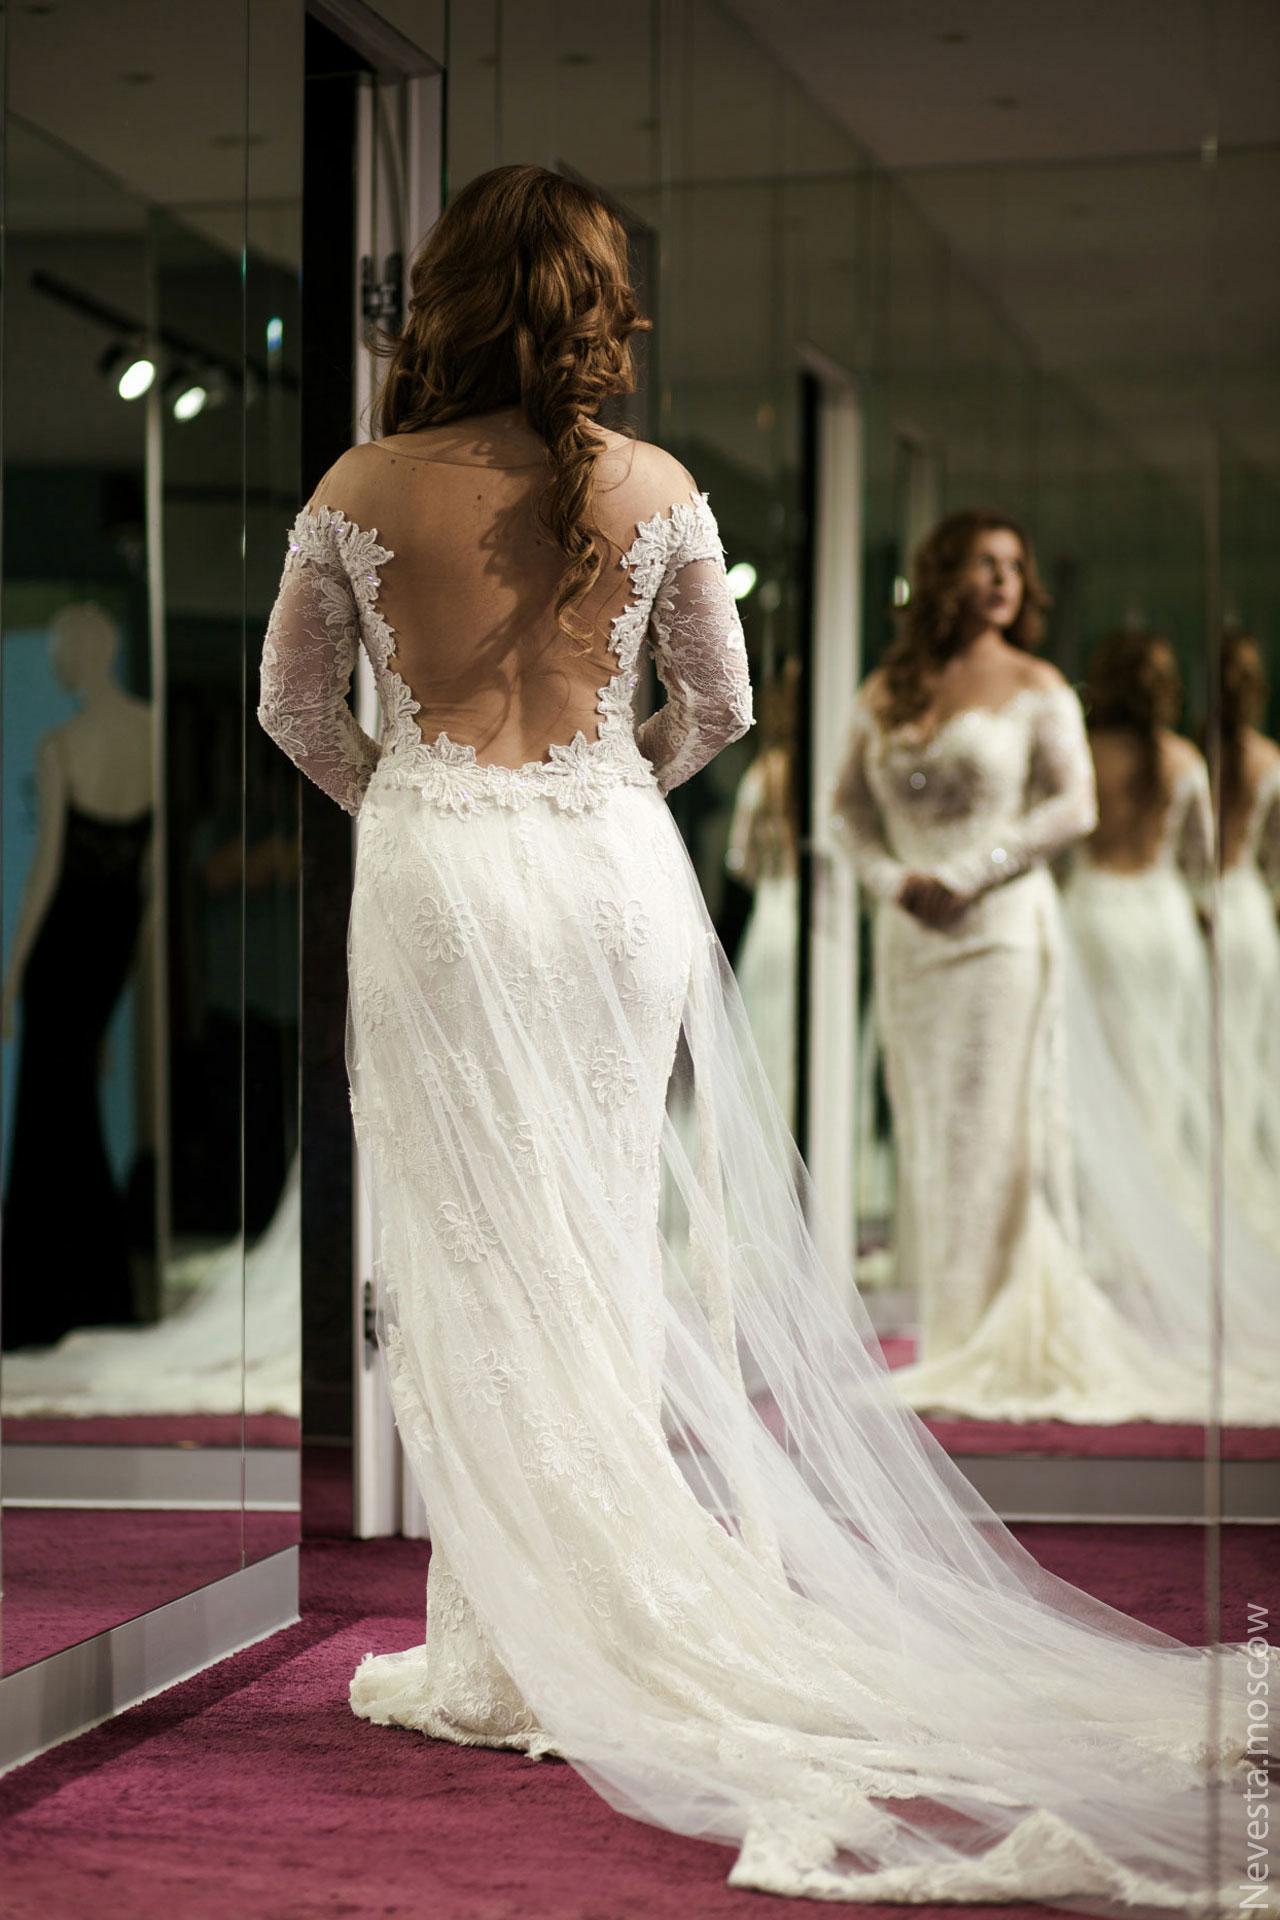 Анастасия Денисова выбирает образ для своей свадьбы фото 5